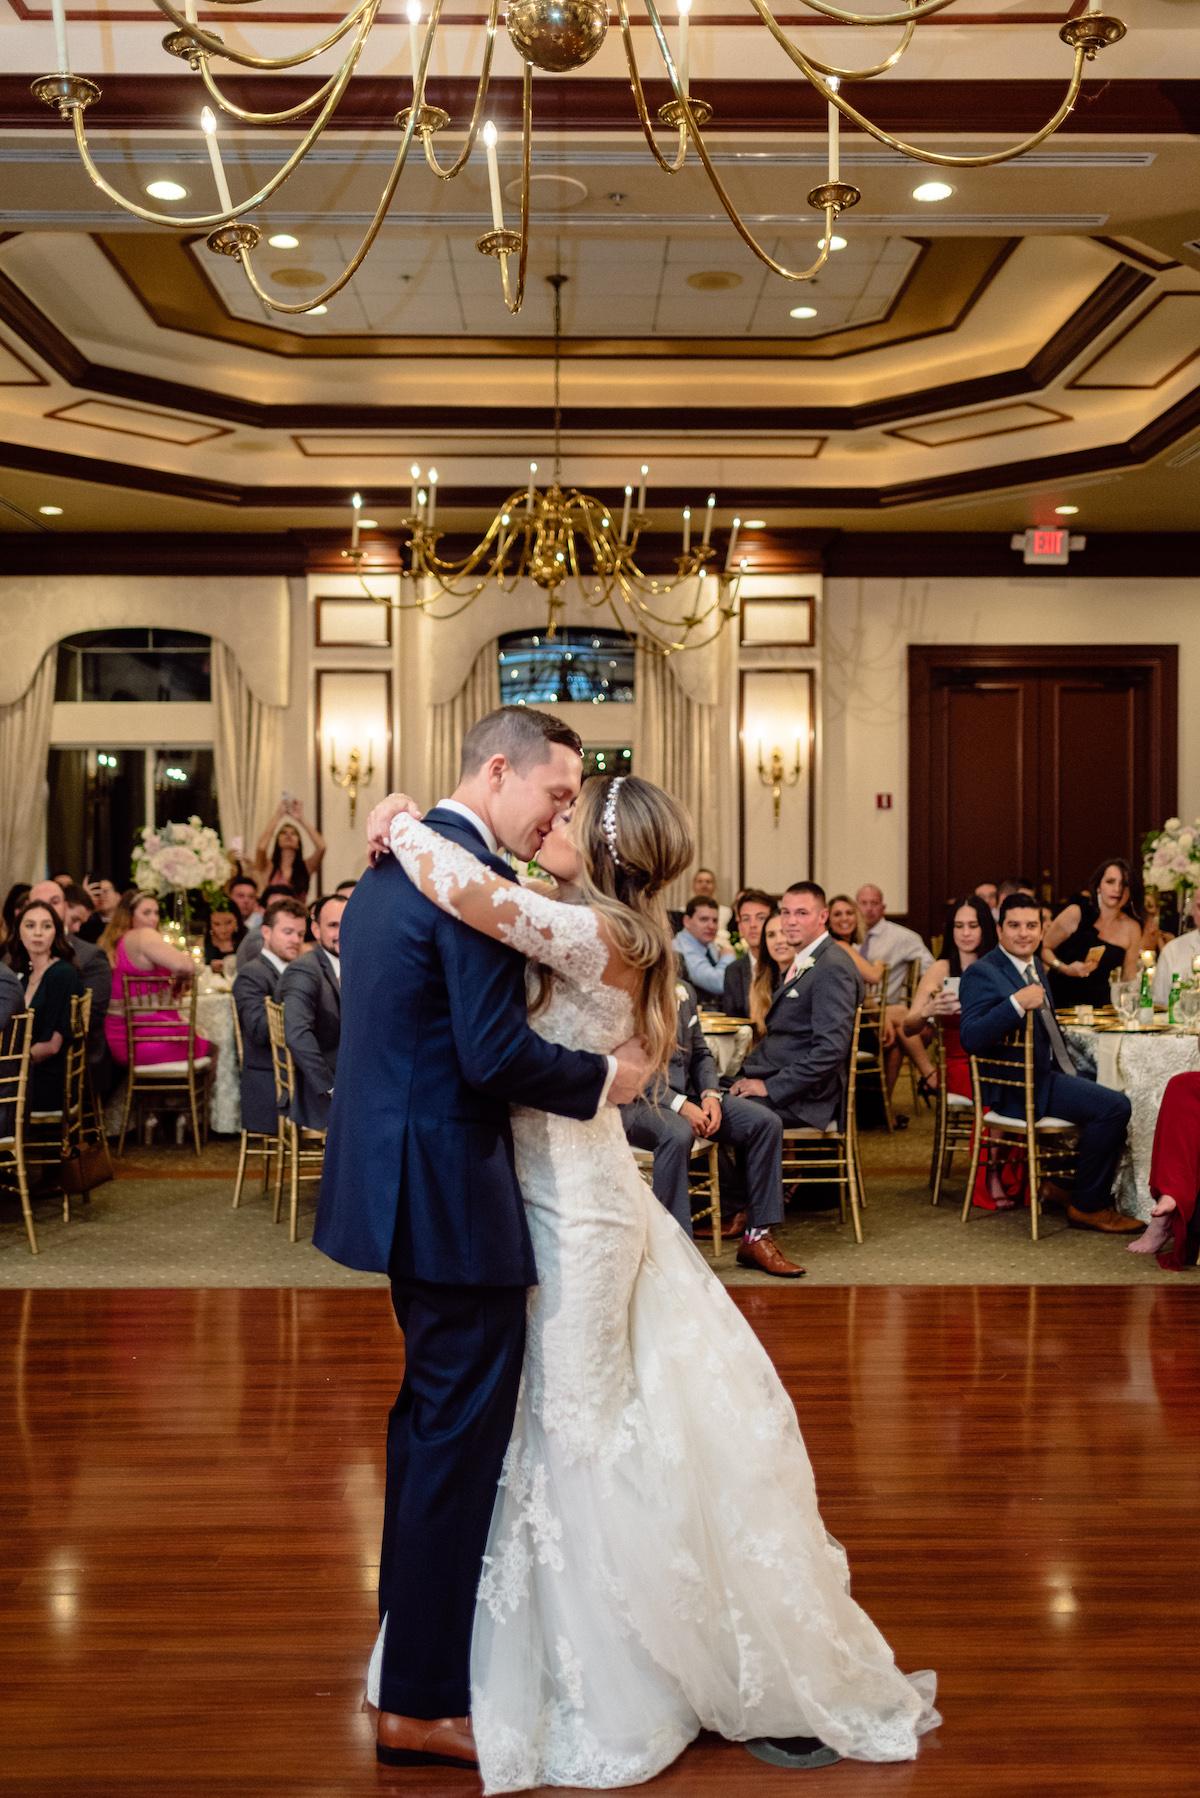 First Dance wedding reception Naples FL Matt Steeves Photography.jpg